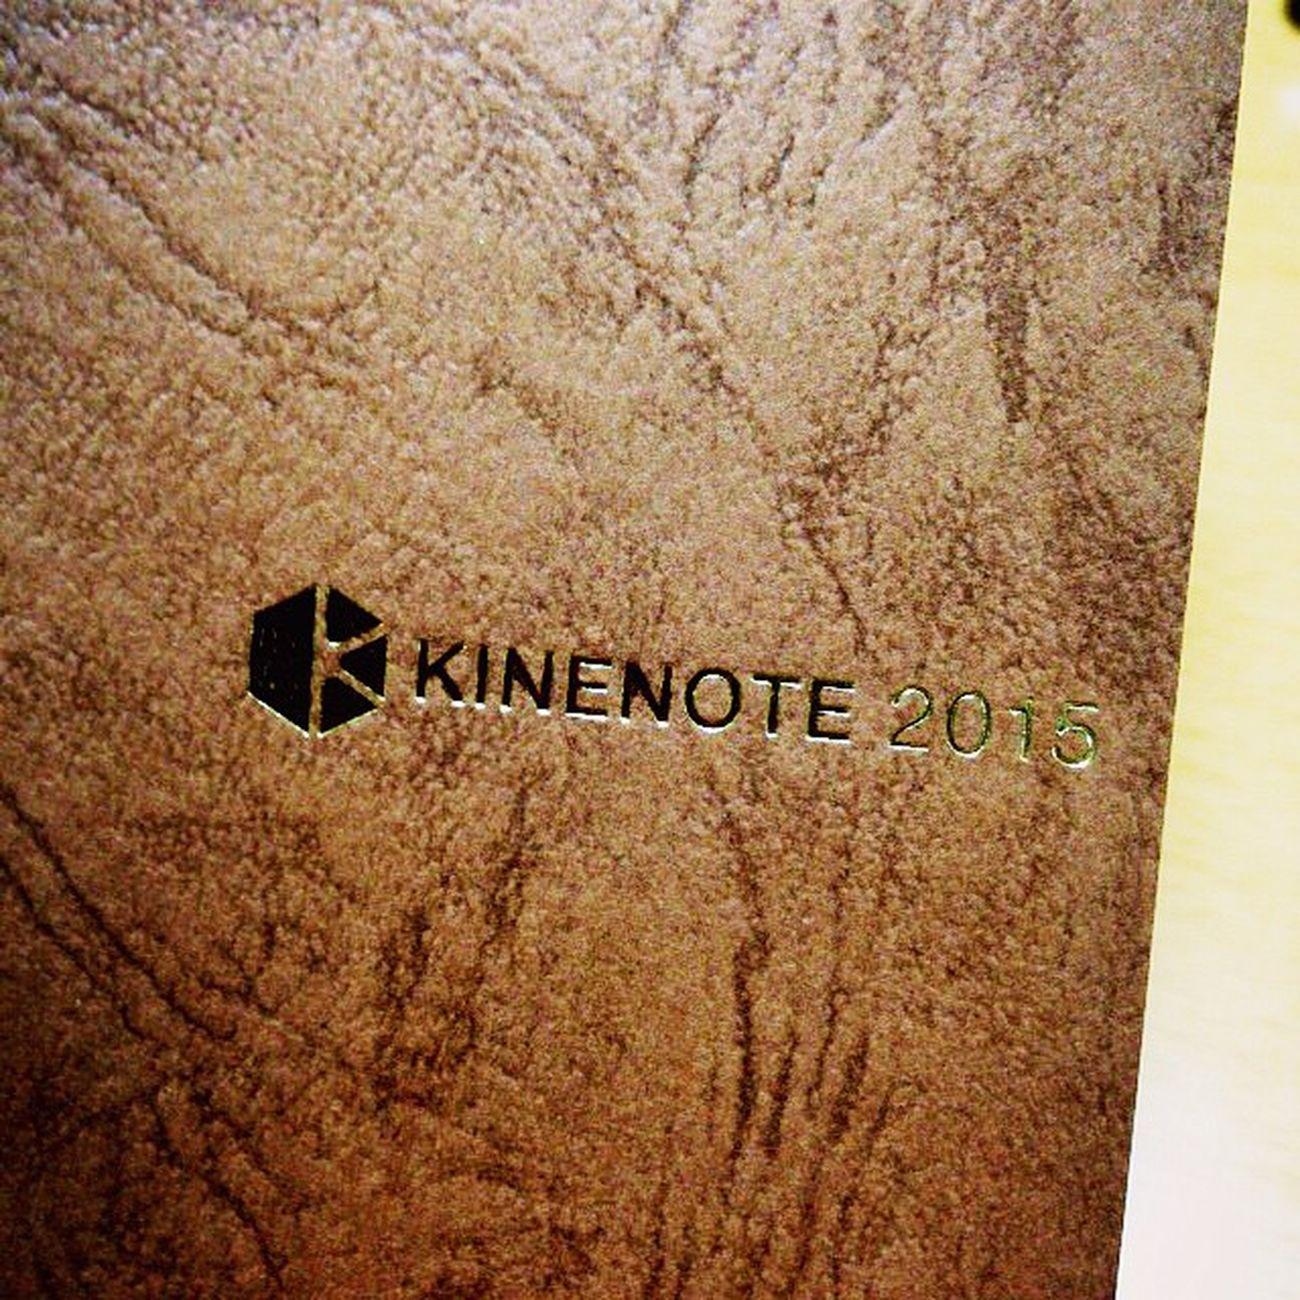 MOVIE Cinema Diary Note 日記 手帳 記録 ウェブサイト キネノート Kinenote